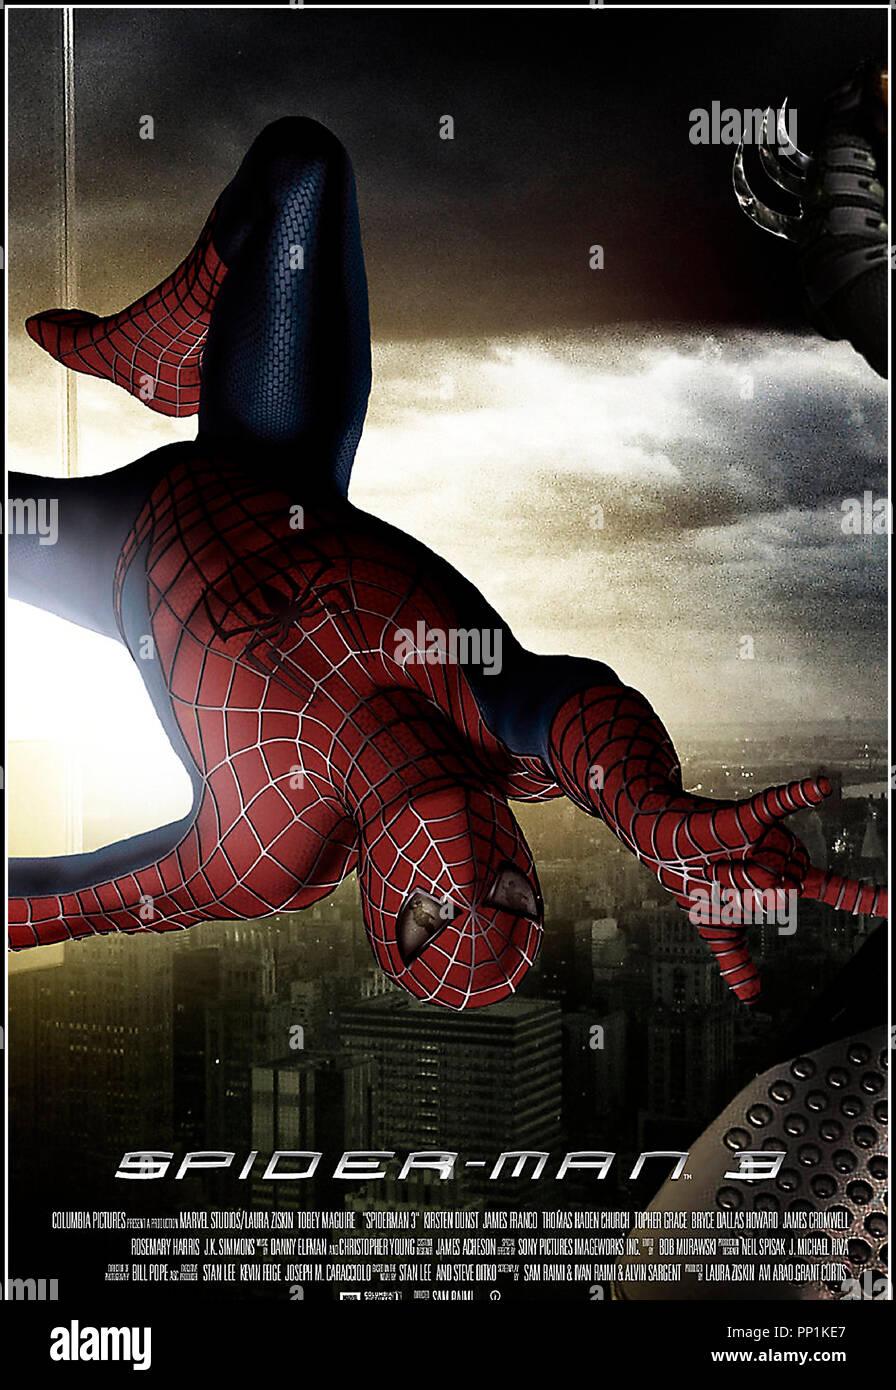 spider man 3 stockfotos & spider man 3 bilder - alamy